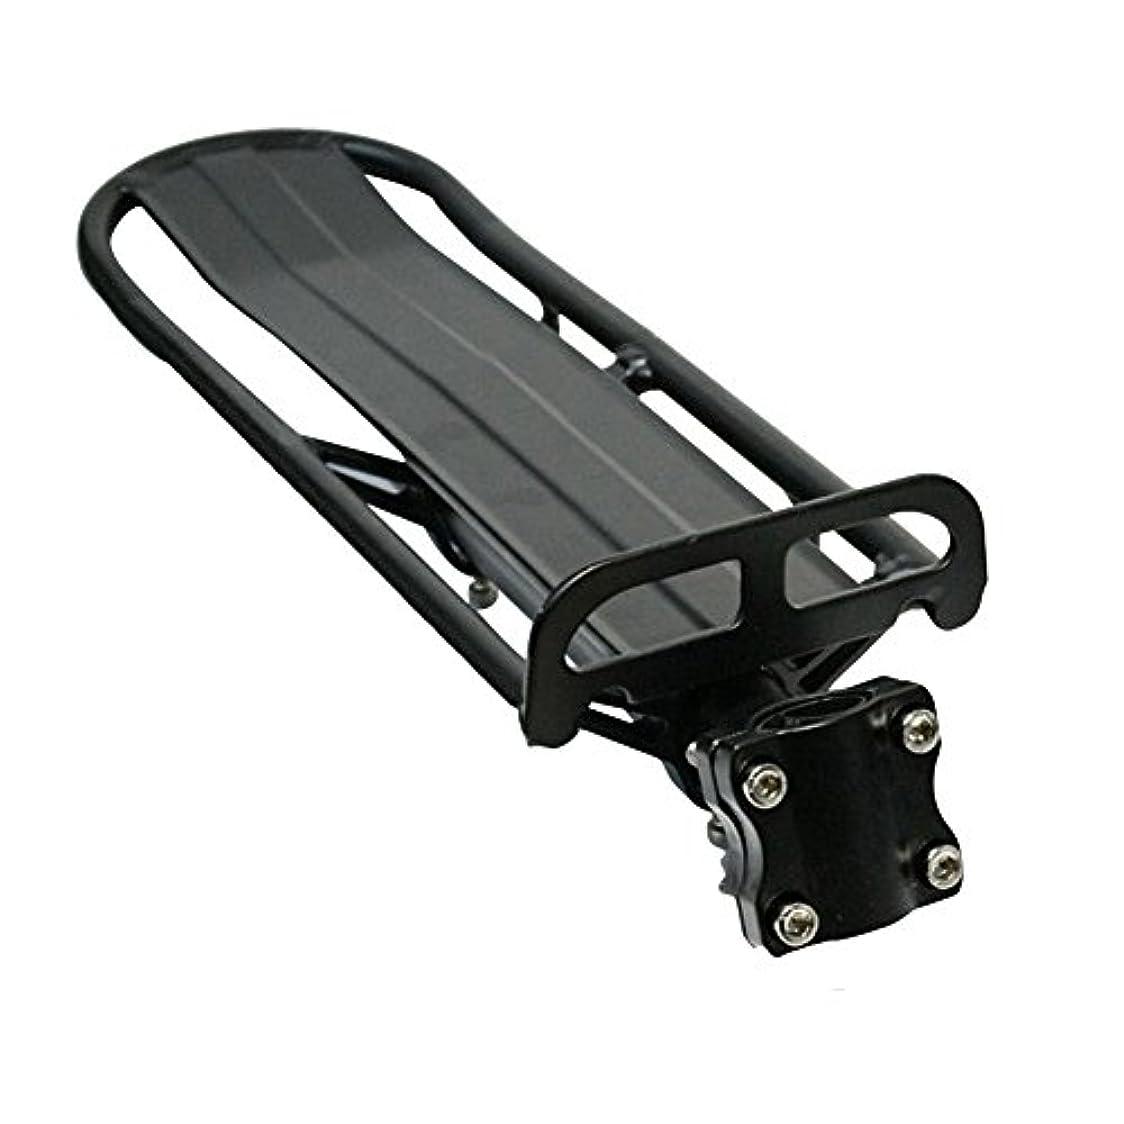 家主喜んでコスチュームYideaHome 自転車用荷台 後ろ付け 軽量リアキャリア 簡単取り付け バイク キャリア アルミ製 ブラック